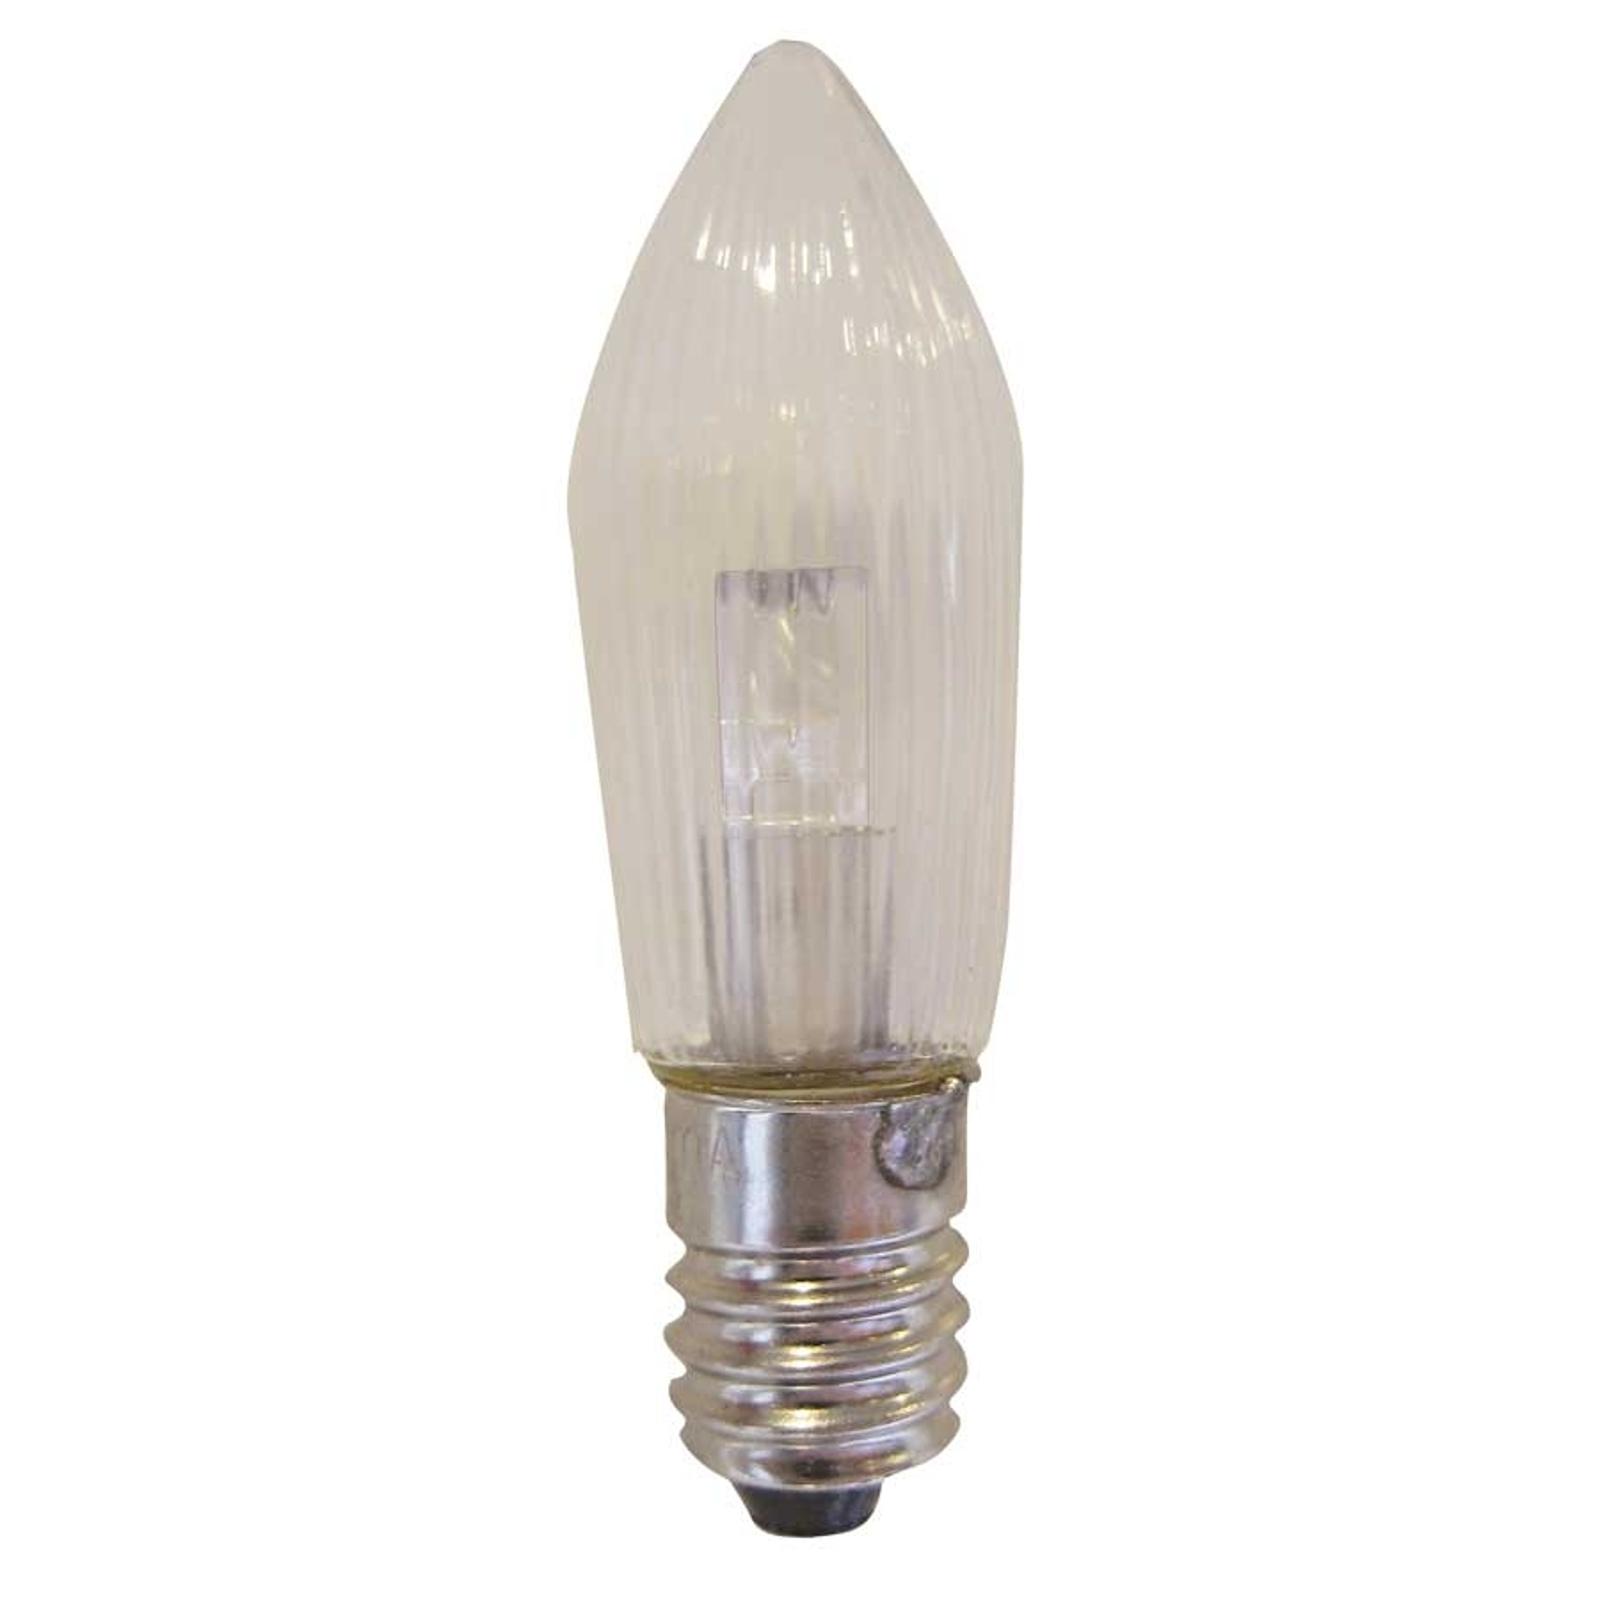 E10 0,1W 10-55V LED zapas żarówki op 3cz świeczka